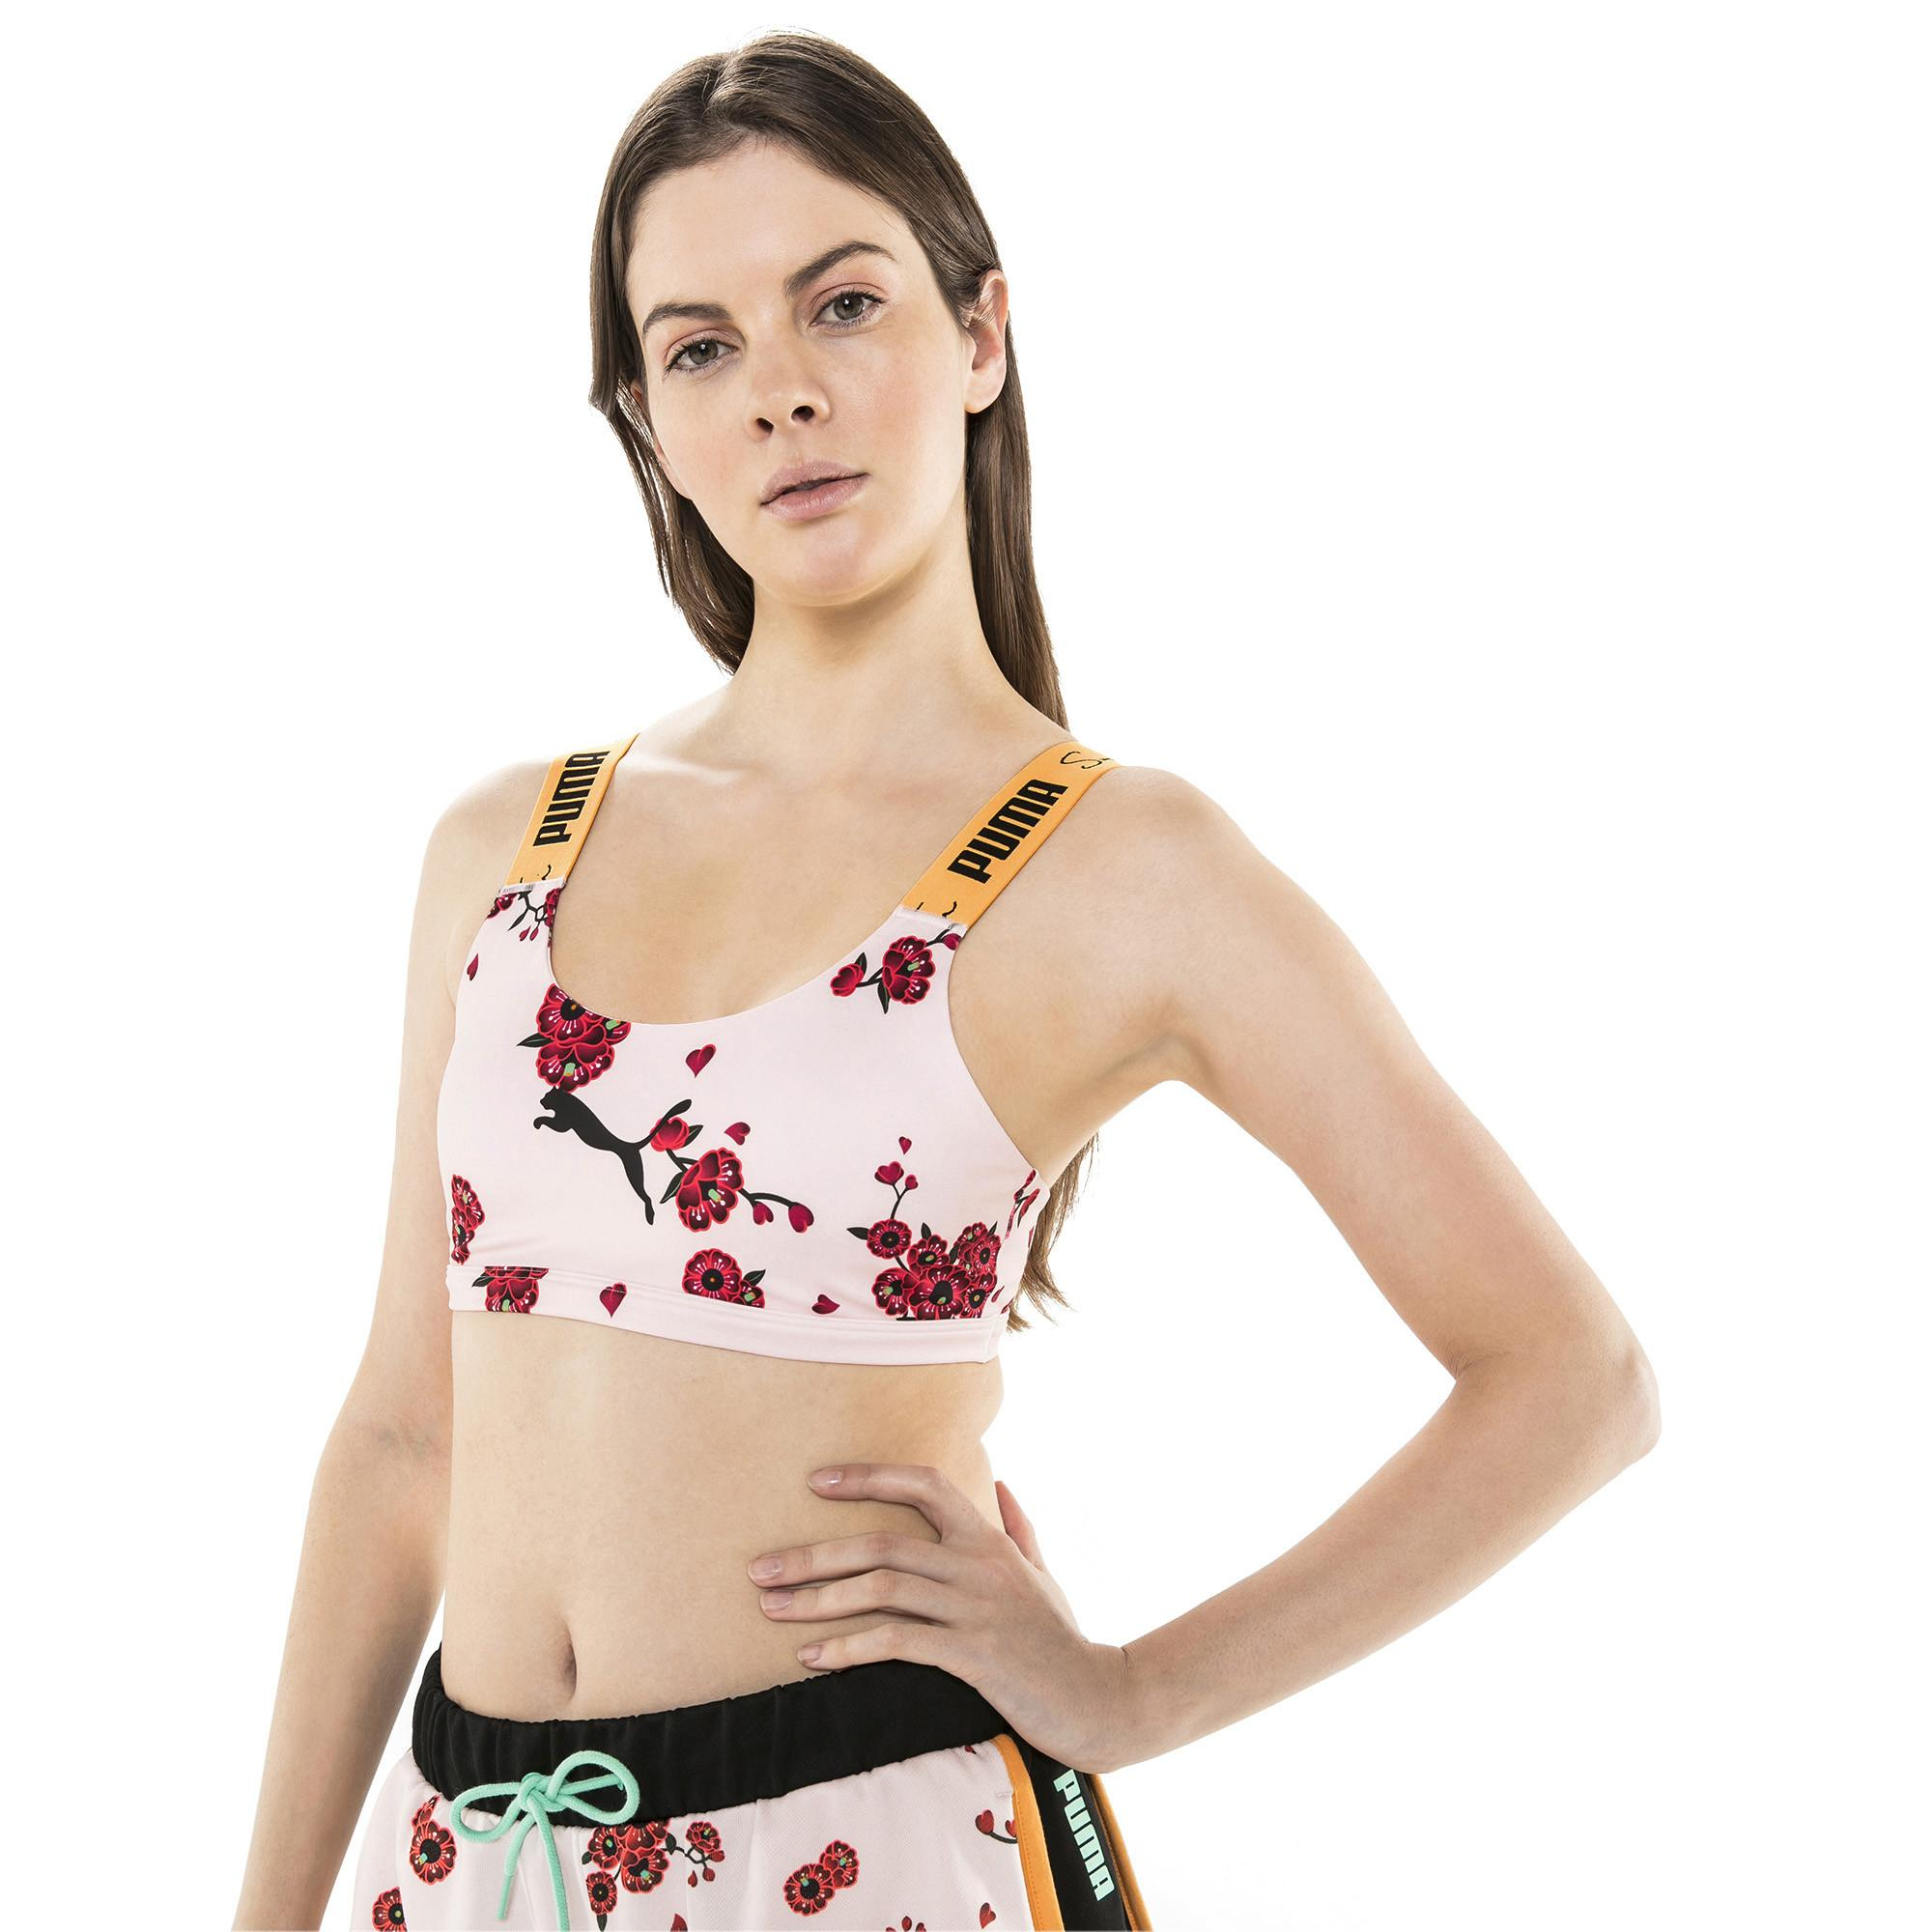 0380410cd6 Lyst - PUMA X Sue Tsai Women's Crop Top